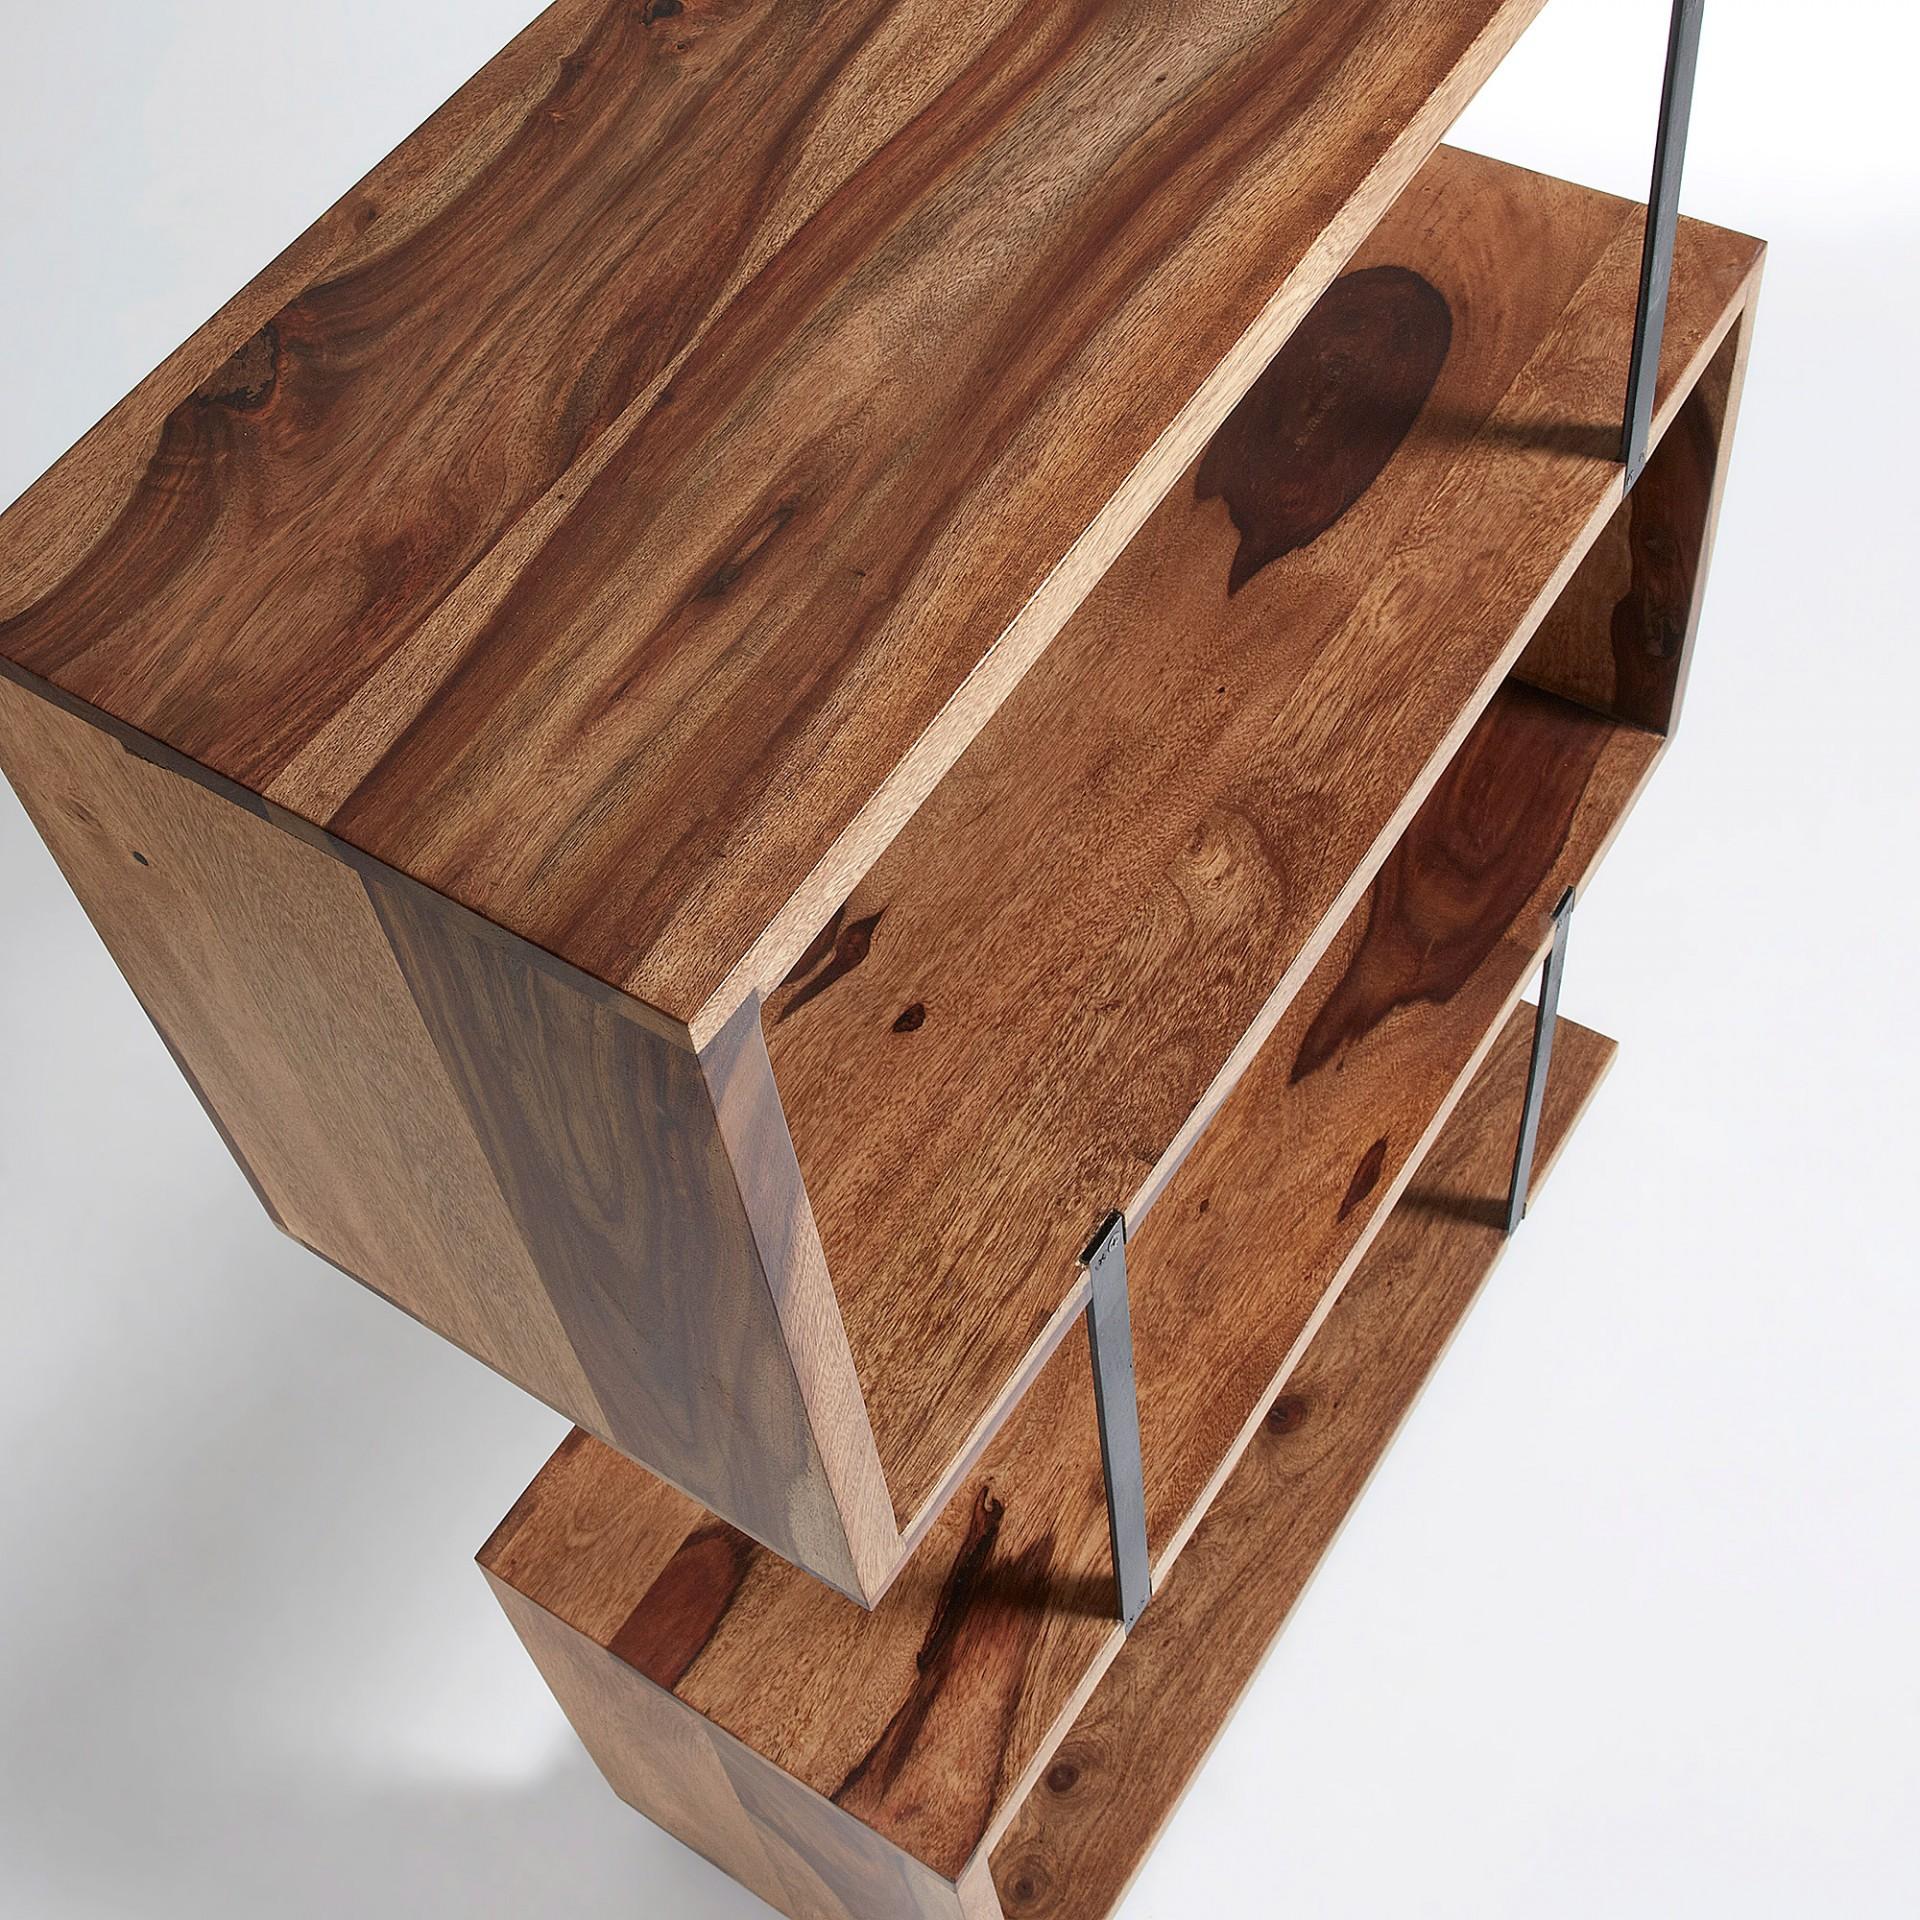 Estante em madeira de sheesham natural, 80x115 cm